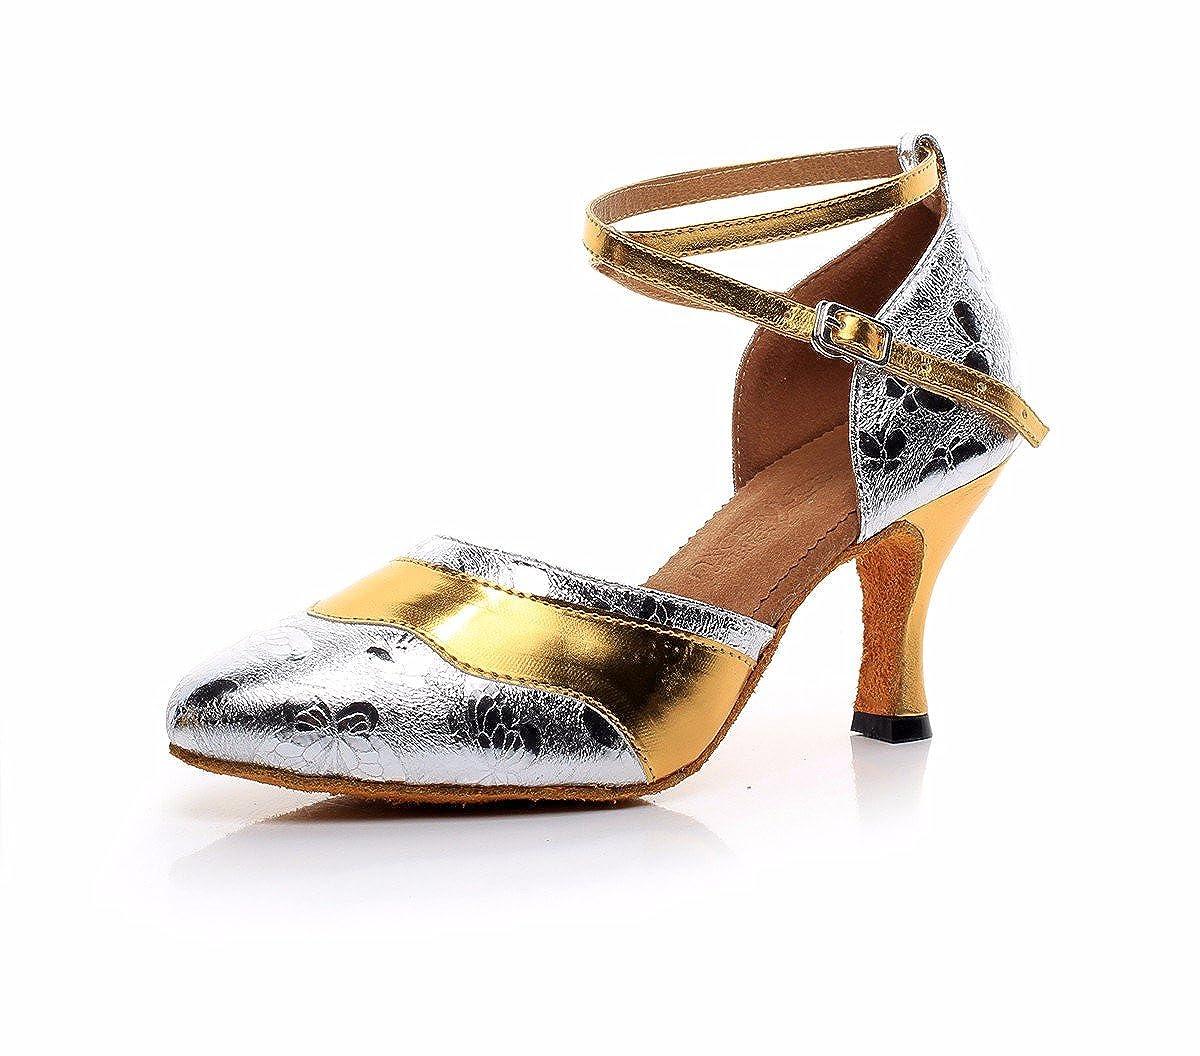 L'or JINGXINSTORELes chaussures de danse salsa latine Muster Serpent intérieur professionnel sandales 34 EU